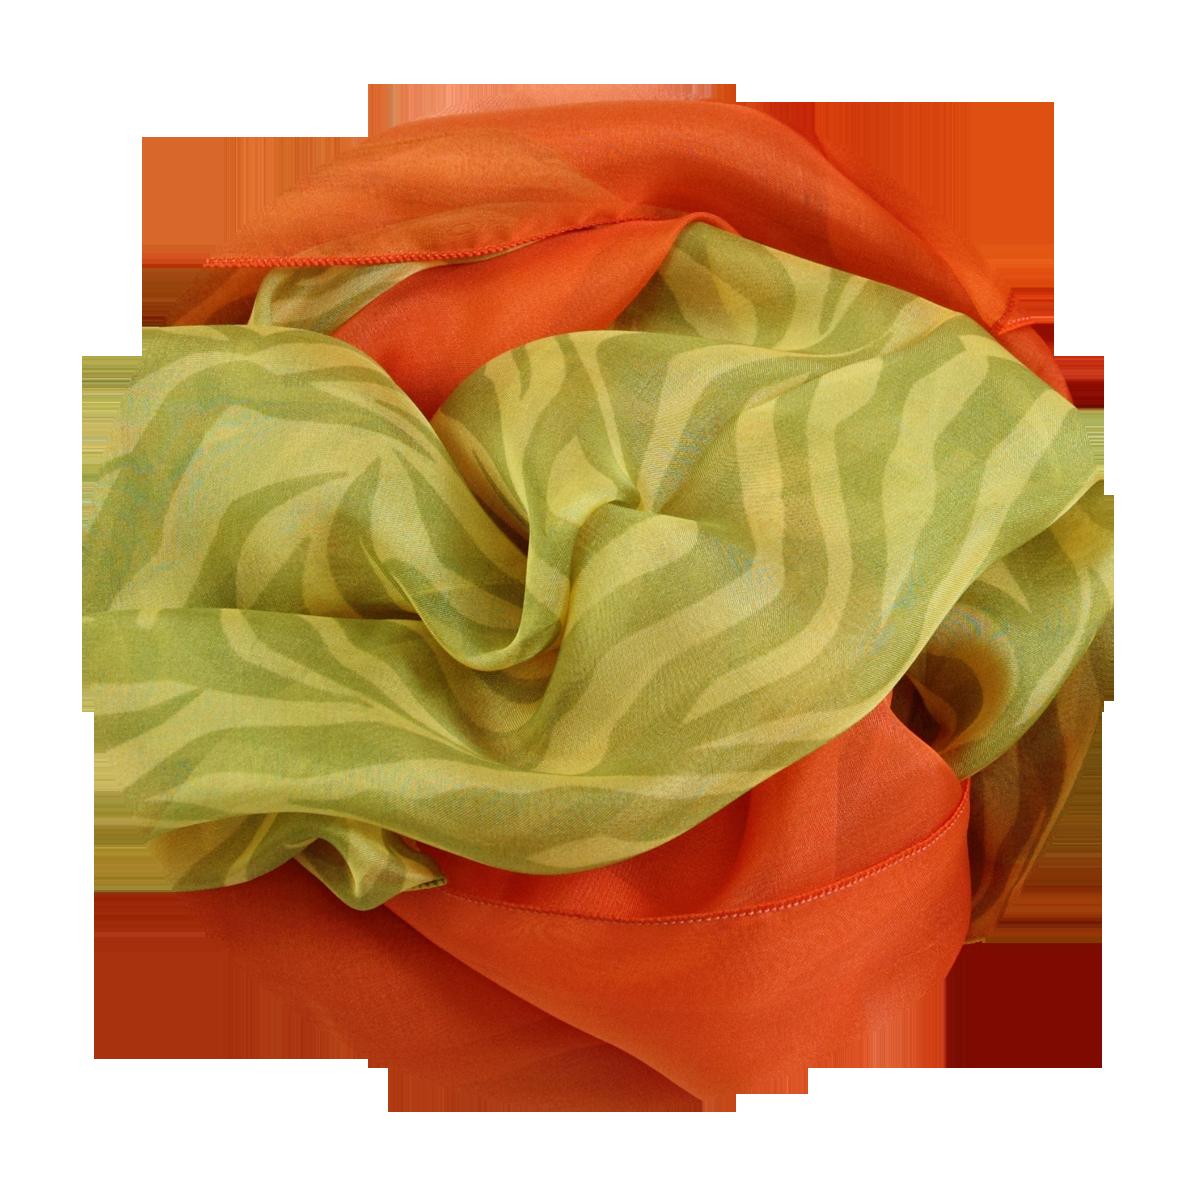 ... foulard soie imprime rayures jaune vert uni orange fabrique en france a13d99df9bdf